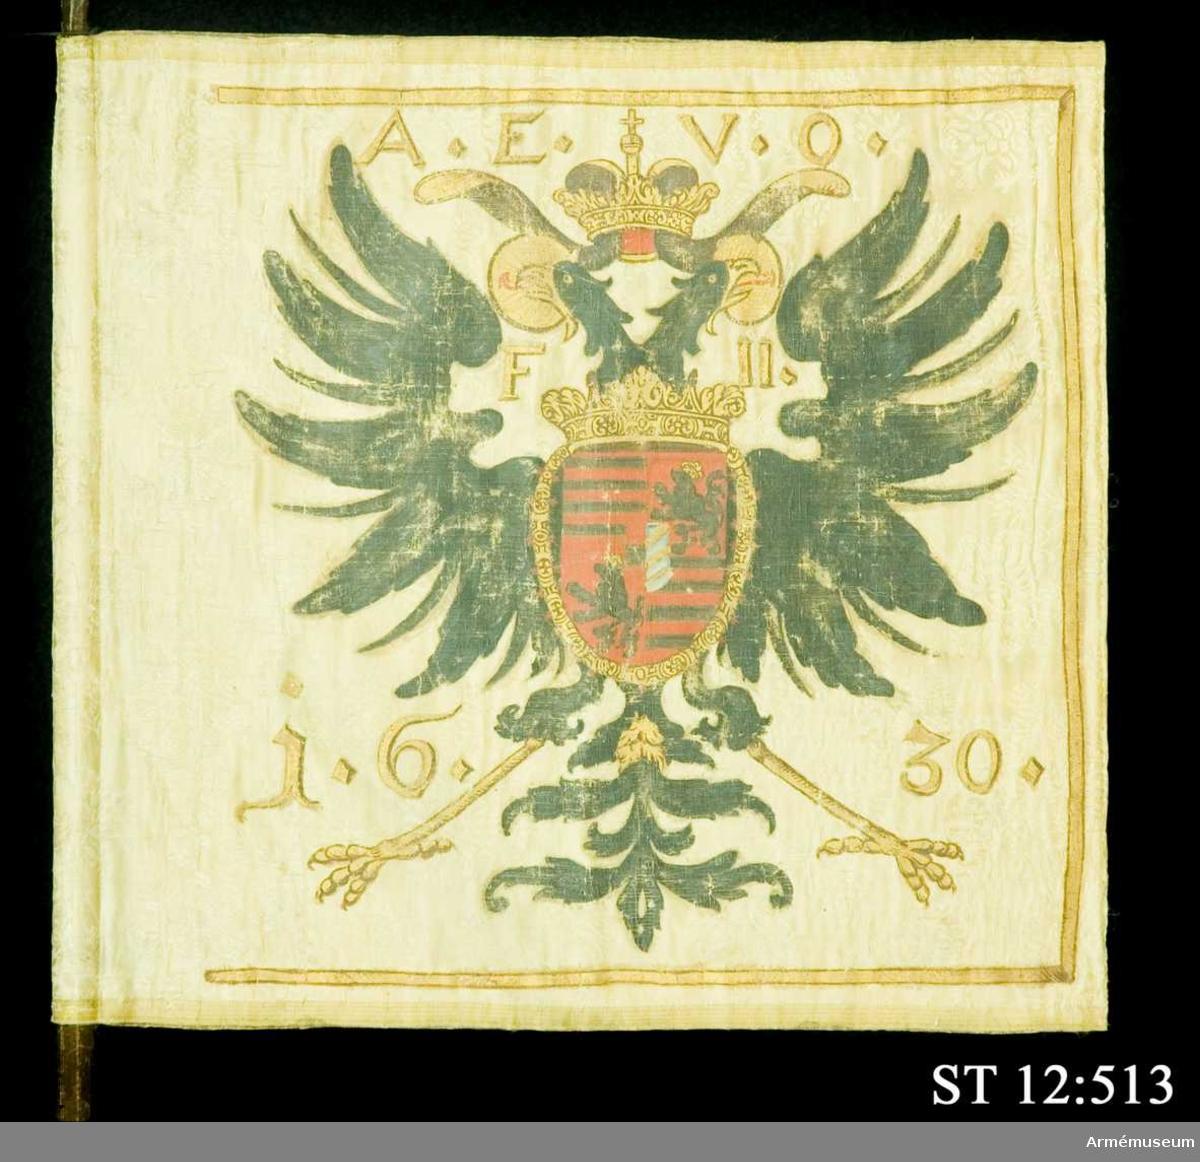 Livstandar. Stång avsågad. Stången är sekundär i två delar.  Inre sidan: Den tysk-romerska dubbelörnen krönt av kejsarkrona. På örnens bröst en vapensköld som innehåller vapnen för Ungern (7-delad sköld i rött och silver) och Böhmen (silverlejon i rött fält) samt en hjärtsköld med Österrikes vapen (silverbjälke i rött fält) och Burgund (styckad sköld i guld och blått) omgivet av Gyllene skinnets ordenskedja.   Yttre sidan: Madonnan med barnet i solstrålekrans.